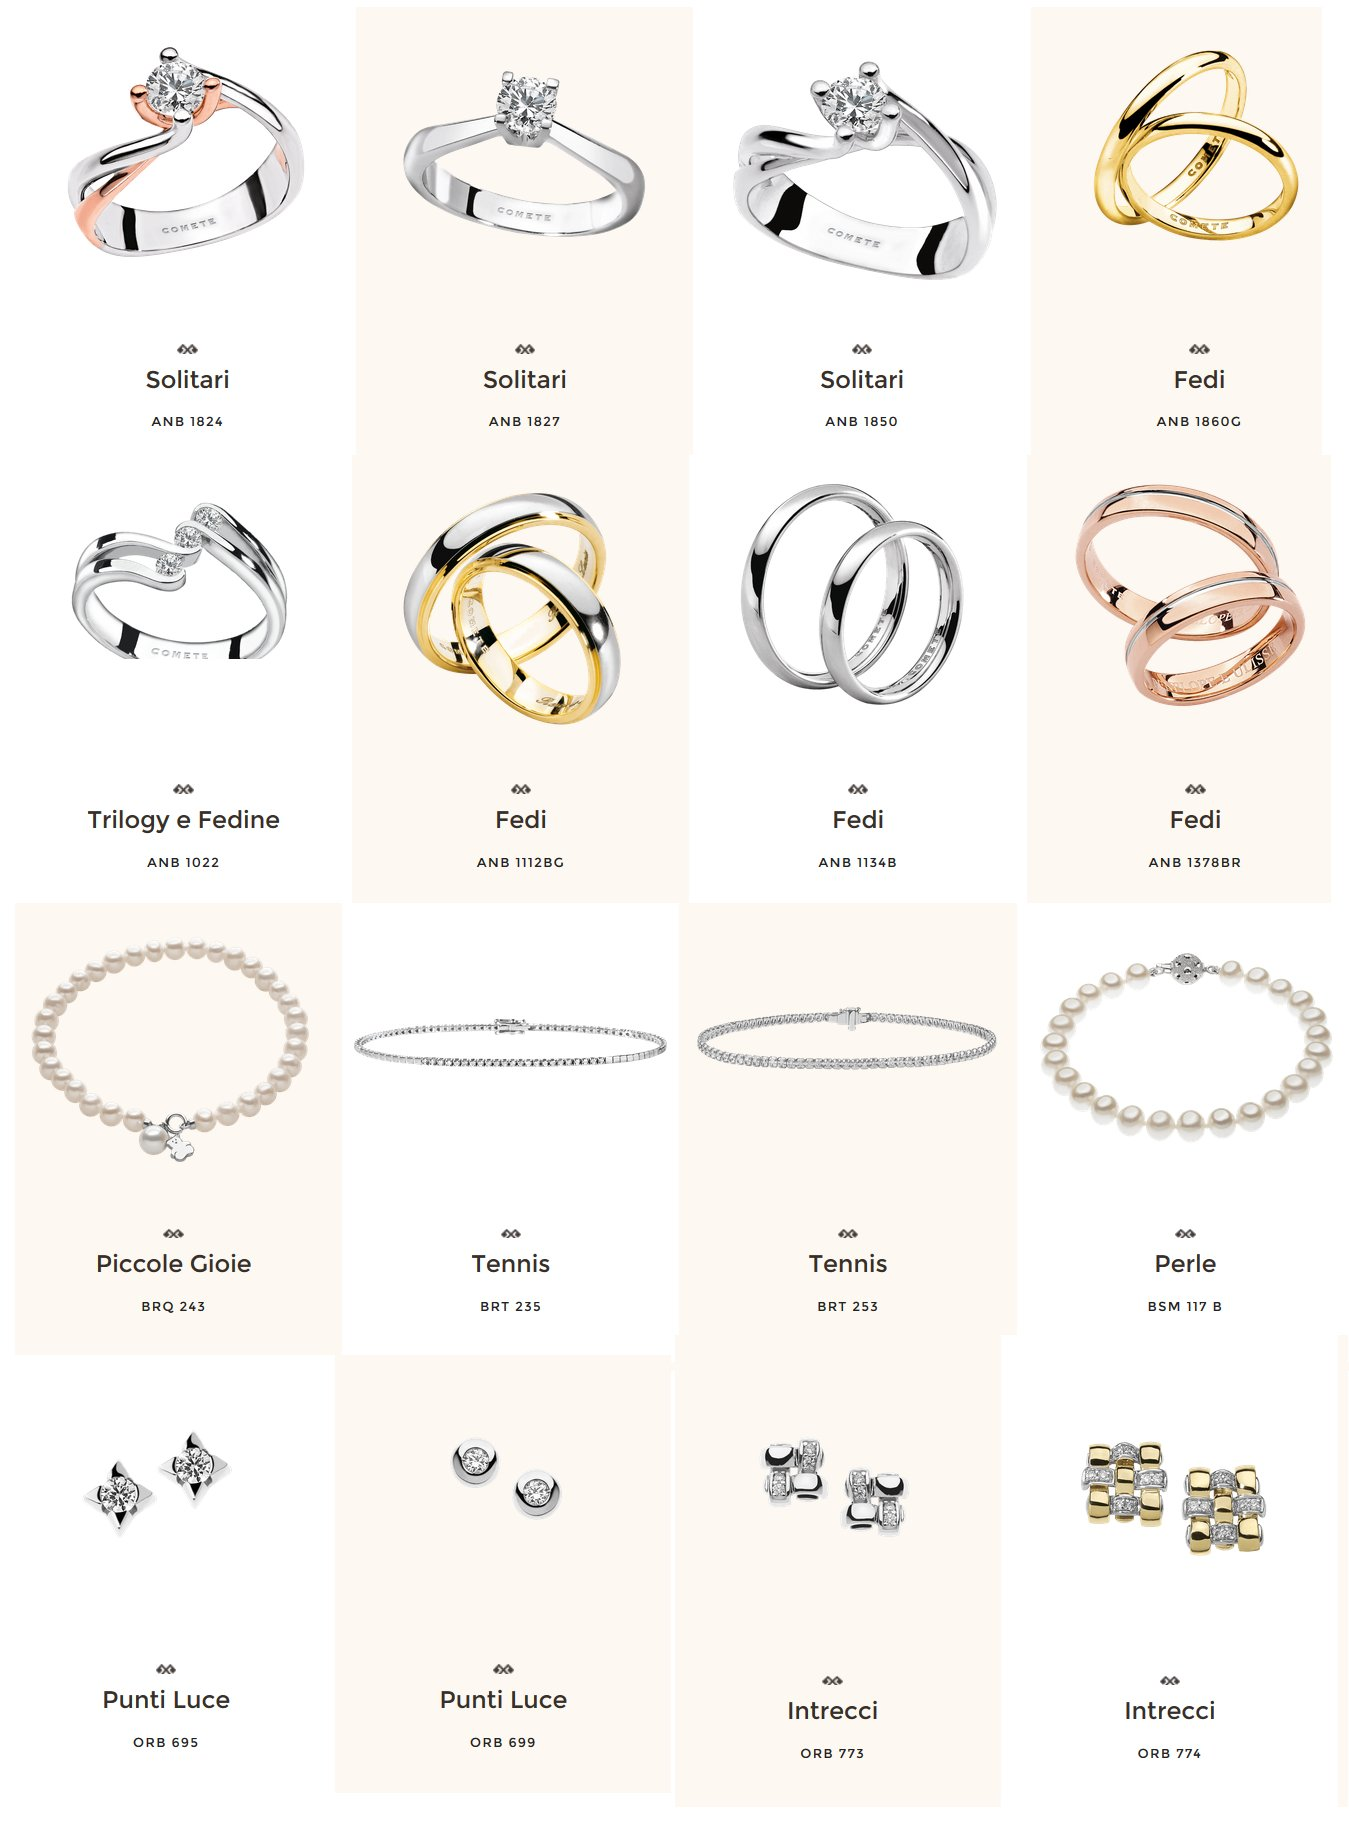 nuovo concetto 6edb1 80e55 Comete Gioielli shop online - Gioielli Shop Online